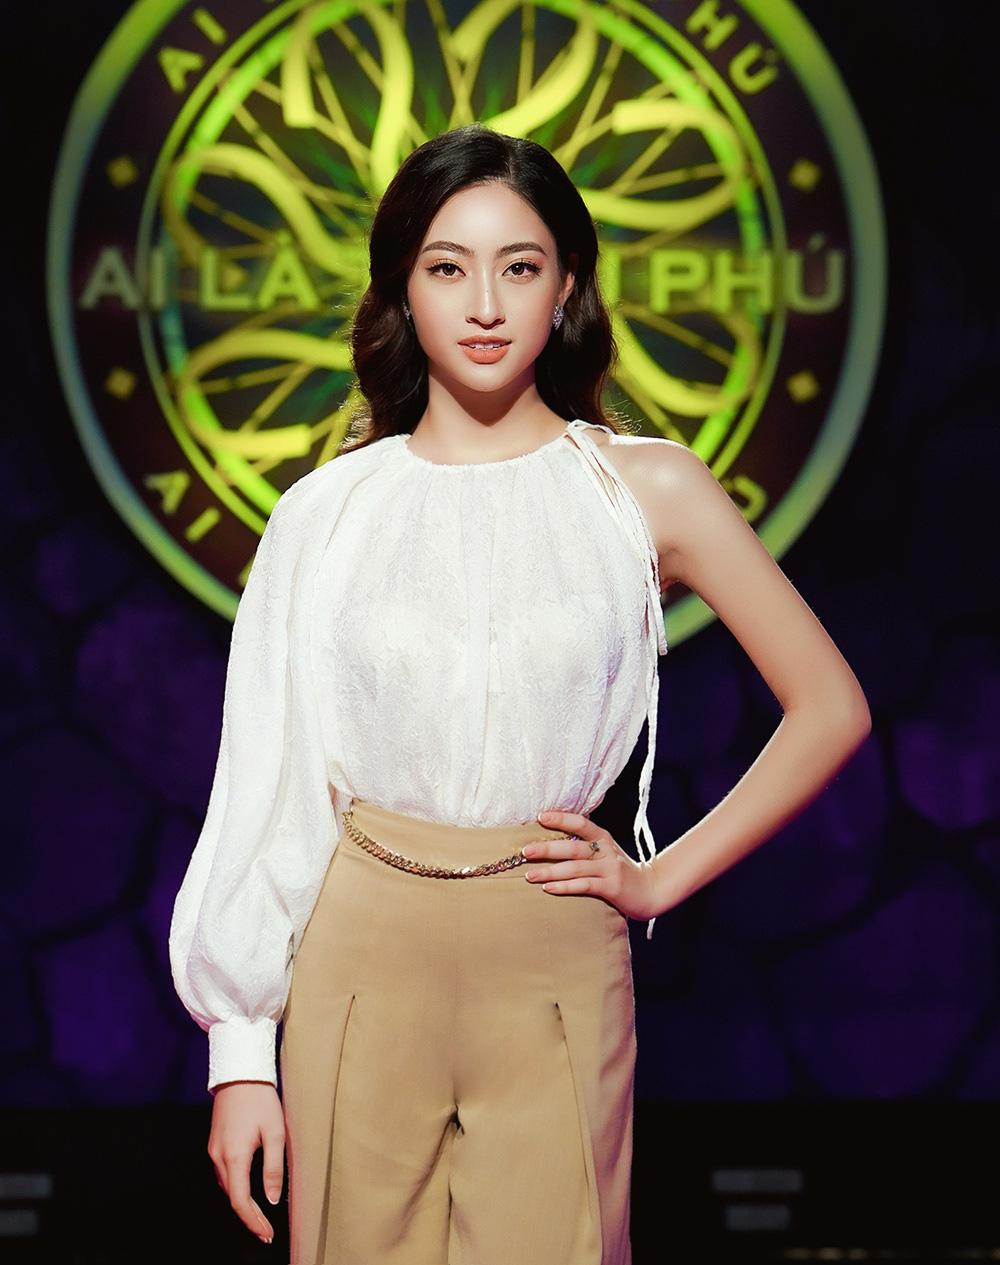 """Clip Hoa hậu Lương Thùy Linh trả lời đúng 7 câu hỏi liên tiếp """"Ai là triệu phú"""", fan ngưỡng mộ - Ảnh 1."""